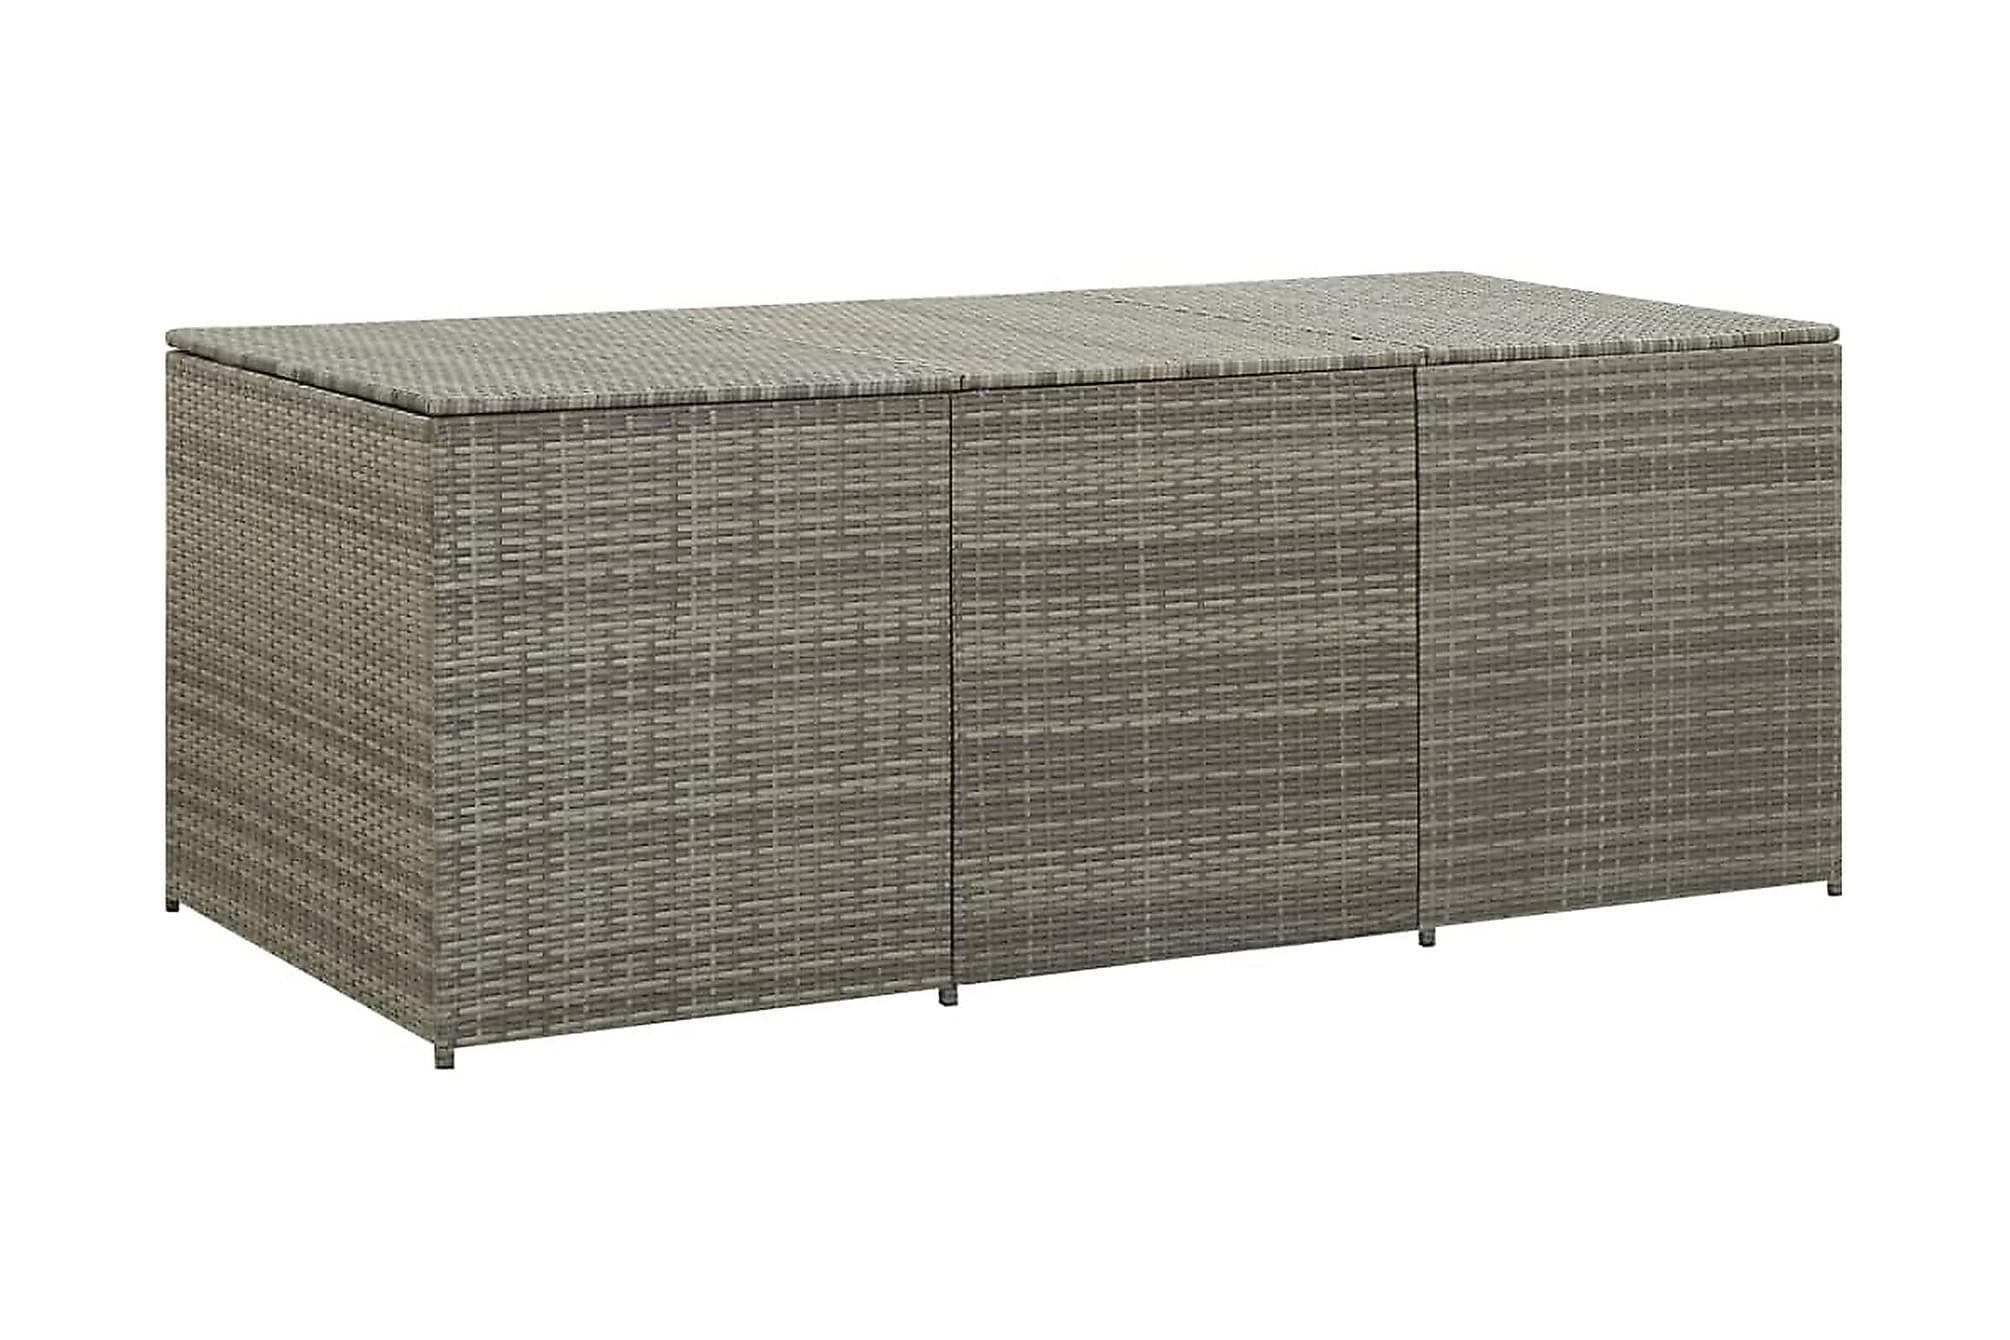 Trädgårdslåda konstrotting 180x90x75 cm grå